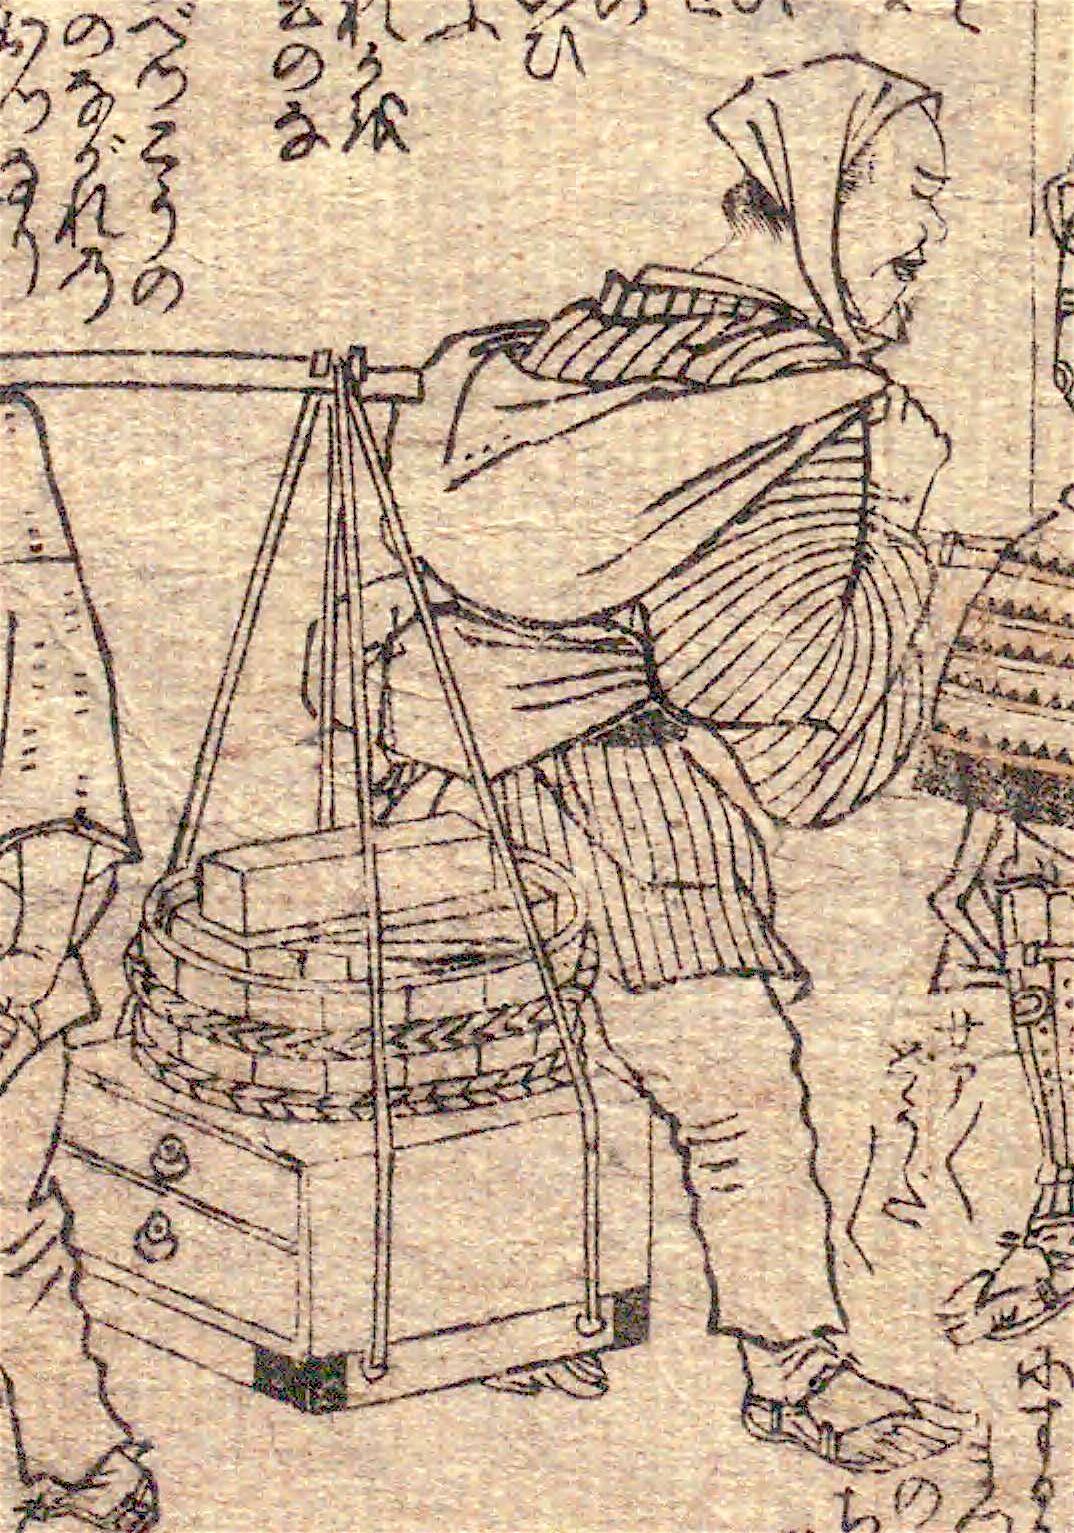 Скупщик потёкшего воска («Хяккои кумитатэ сэйсуйки», Национальная парламентская библиотека)